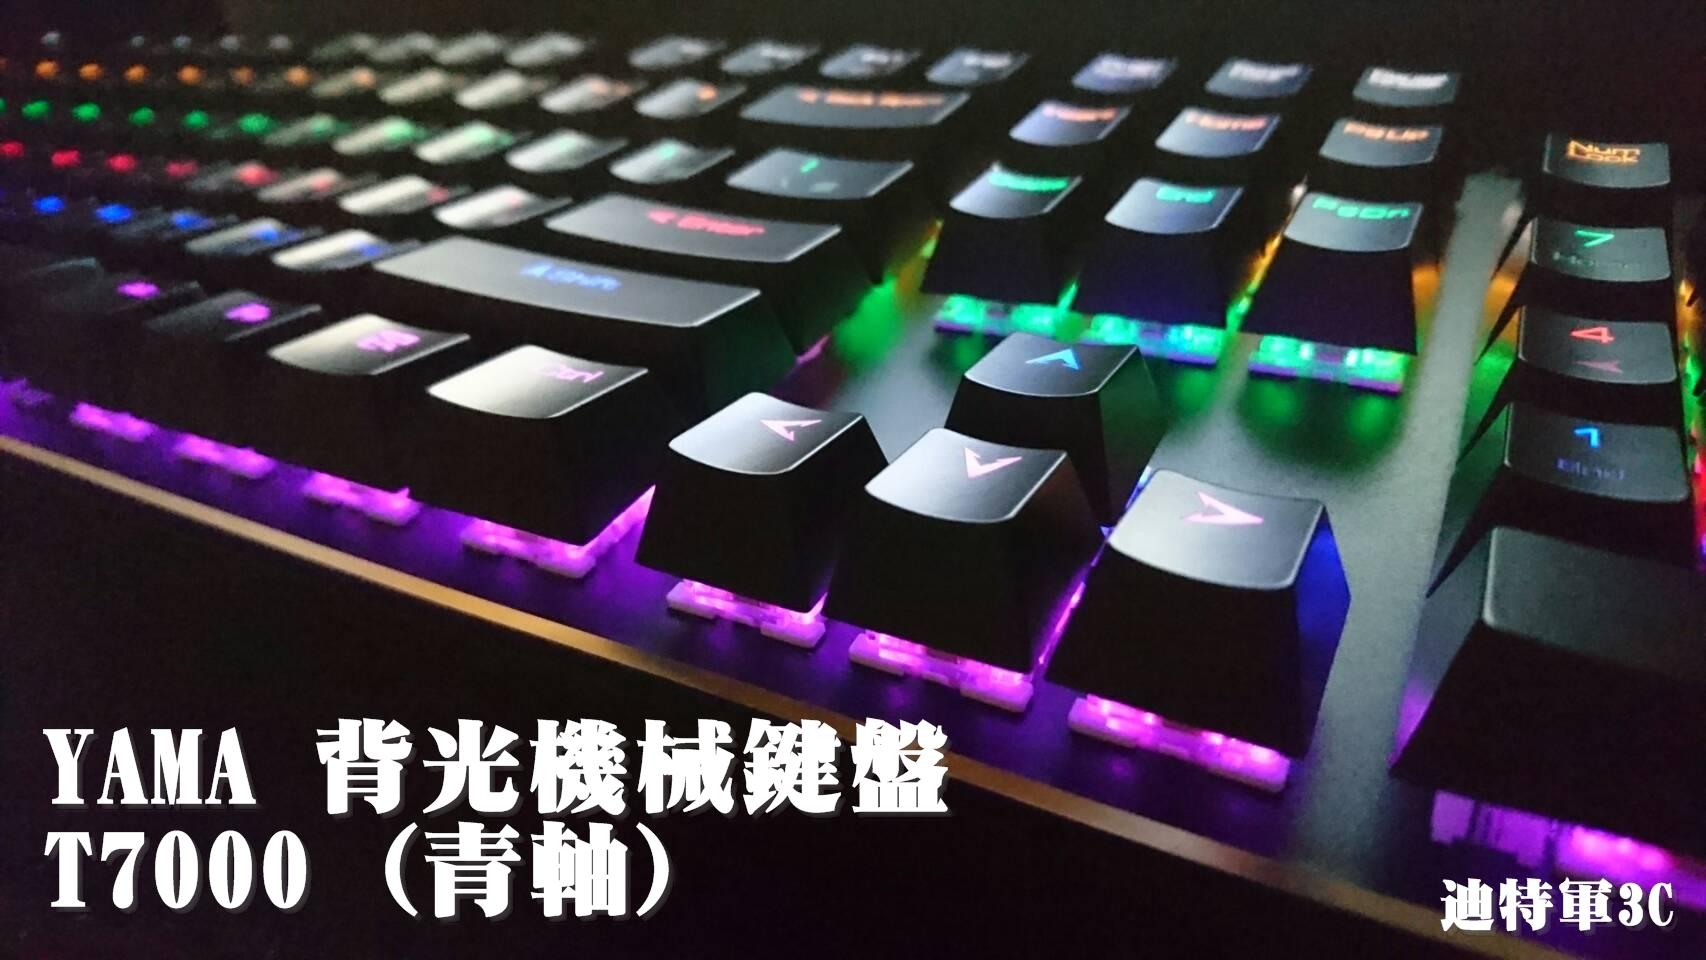 【迪特軍3C】YAMA T7000 機械式鍵盤 (青軸) 知名大廠軸承 六種背光效果自由切換 贈G3耳機或滑鼠+鼠墊